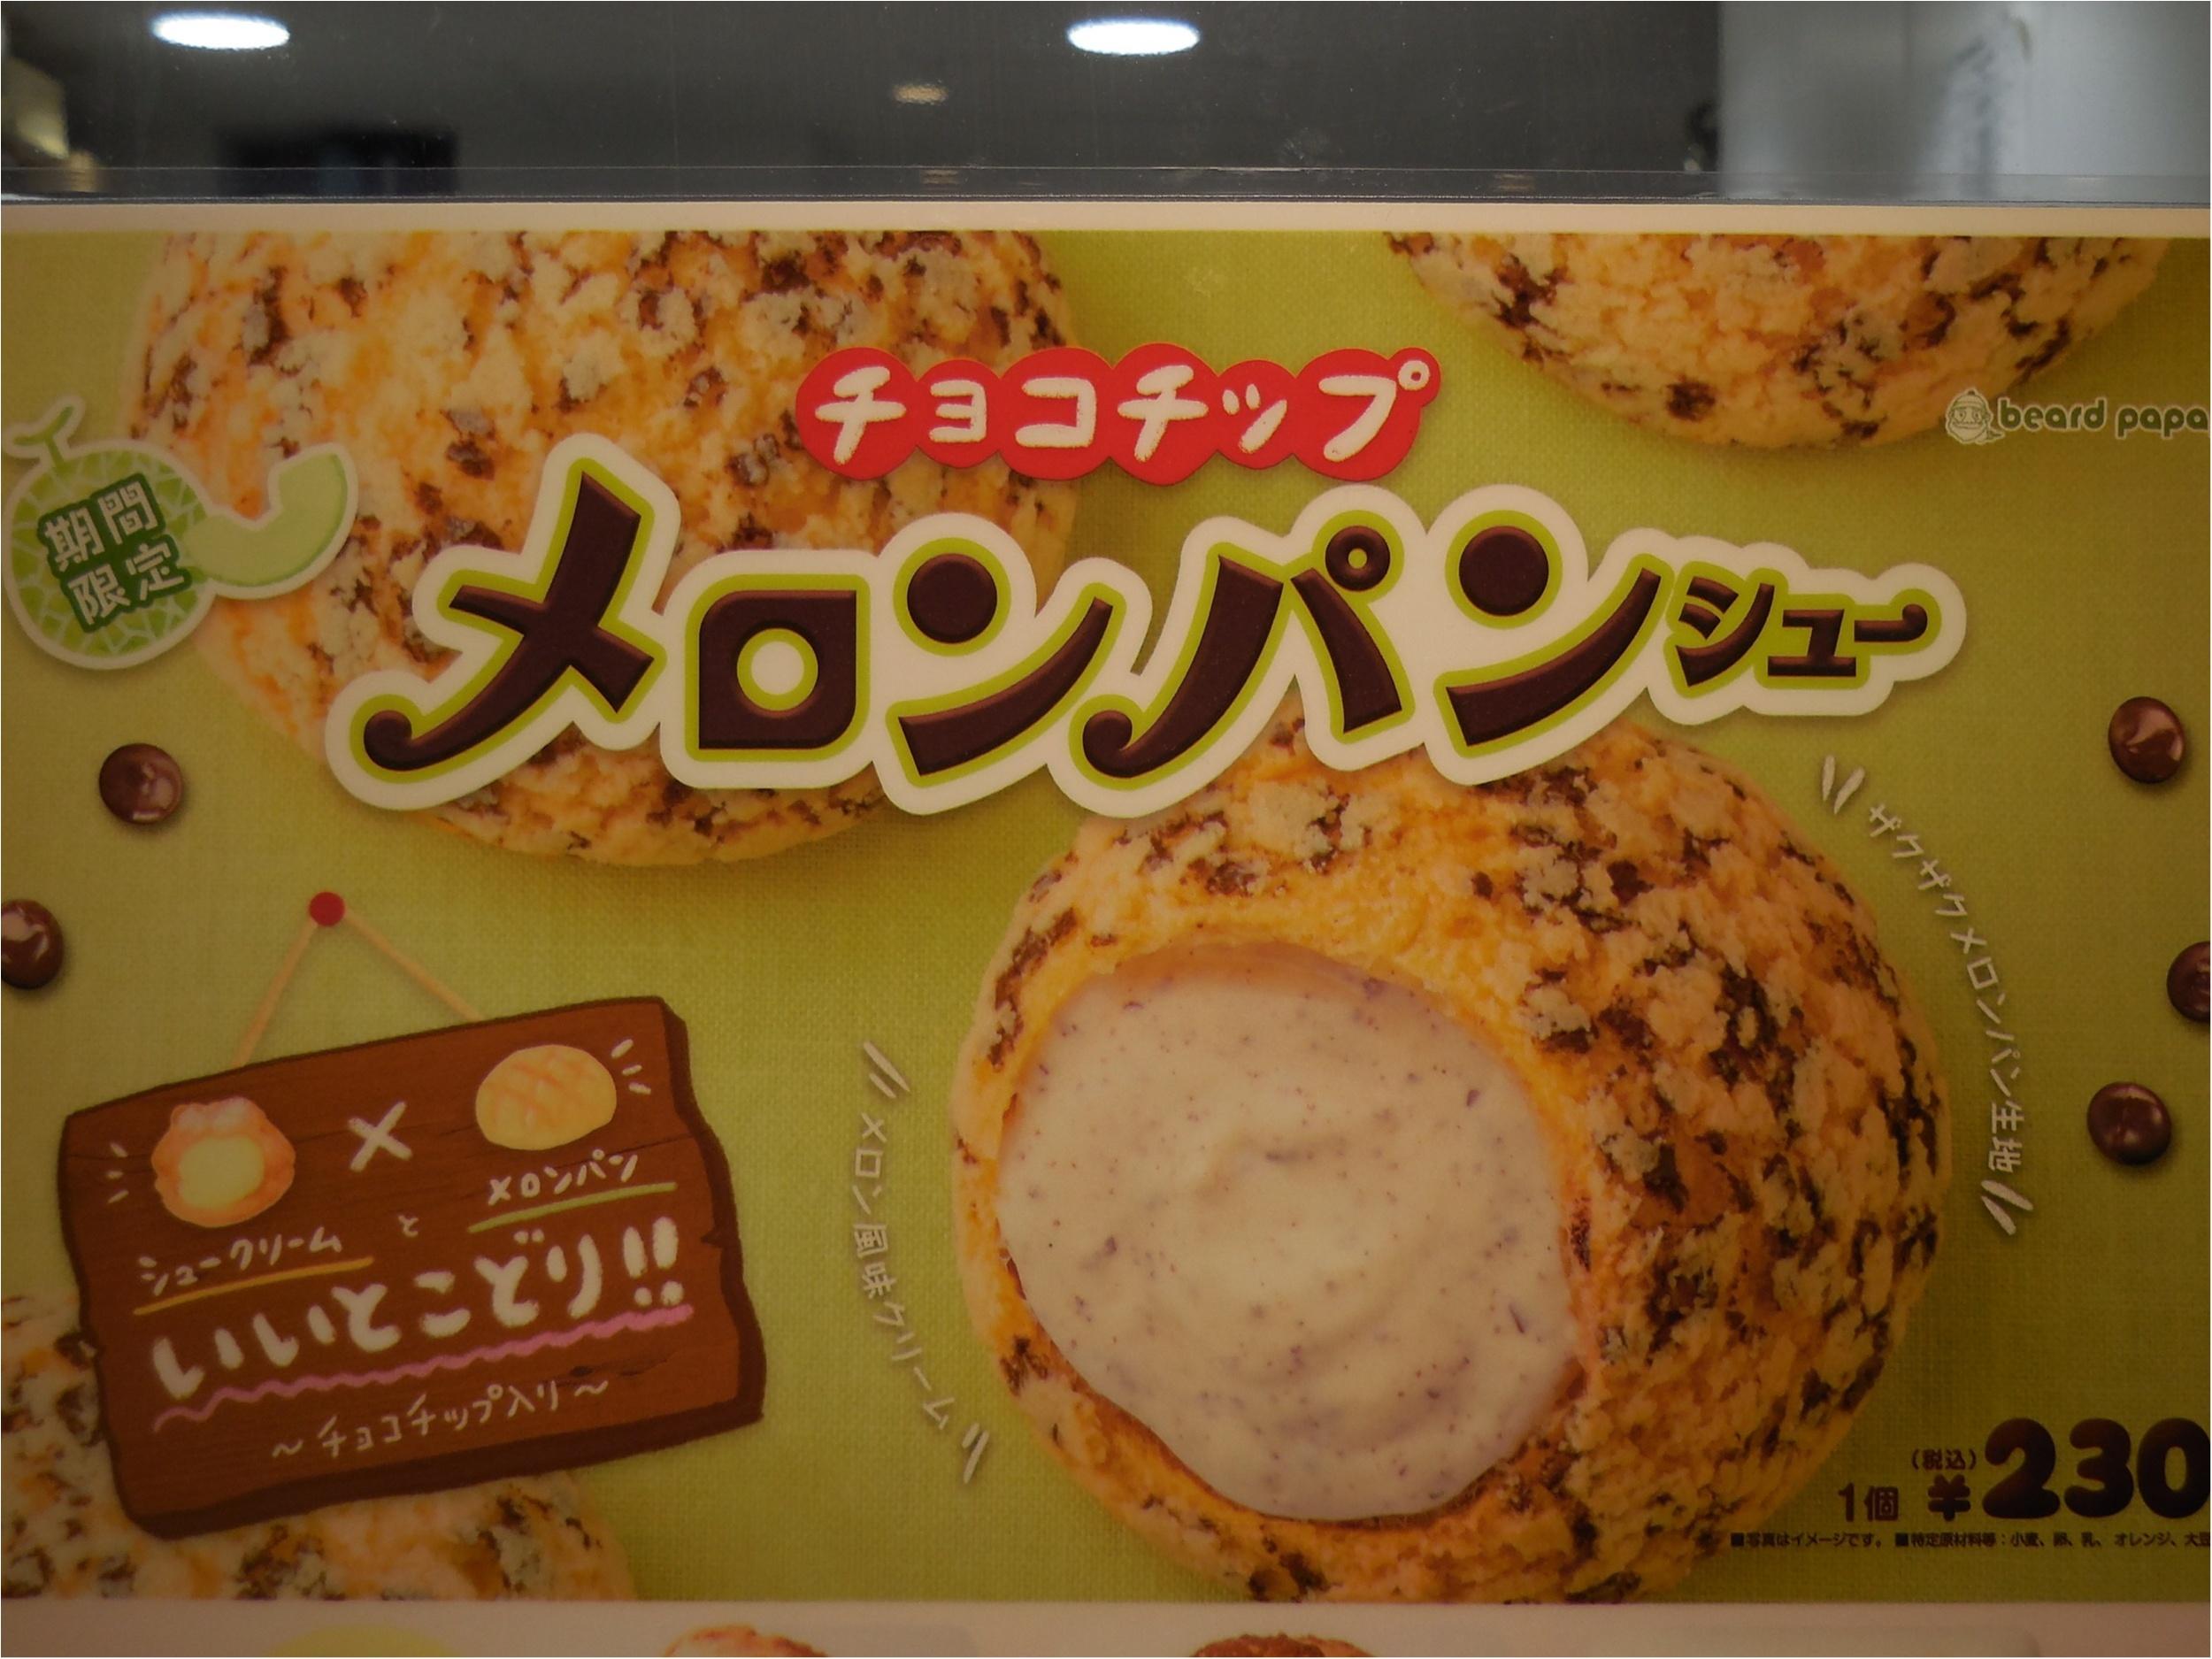 【ビアードパパ】チョコチップメロンパンシューがおいしい_1